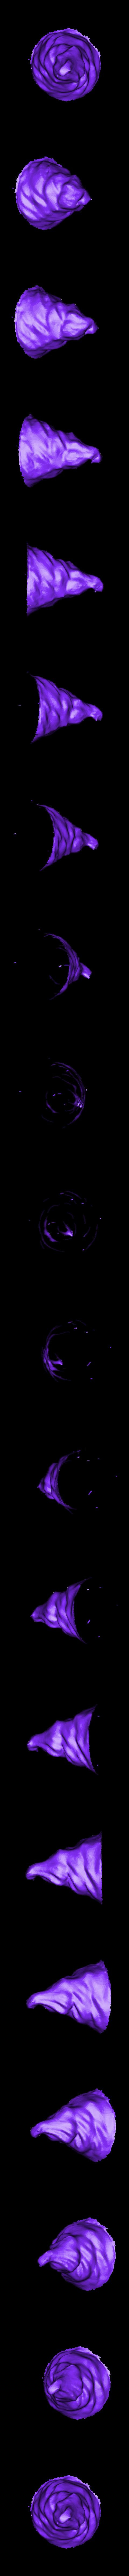 icecreamtop100.stl Télécharger fichier STL gratuit Mmmmmmmmmmmm Crème glacée • Design imprimable en 3D, RodrigoPinard